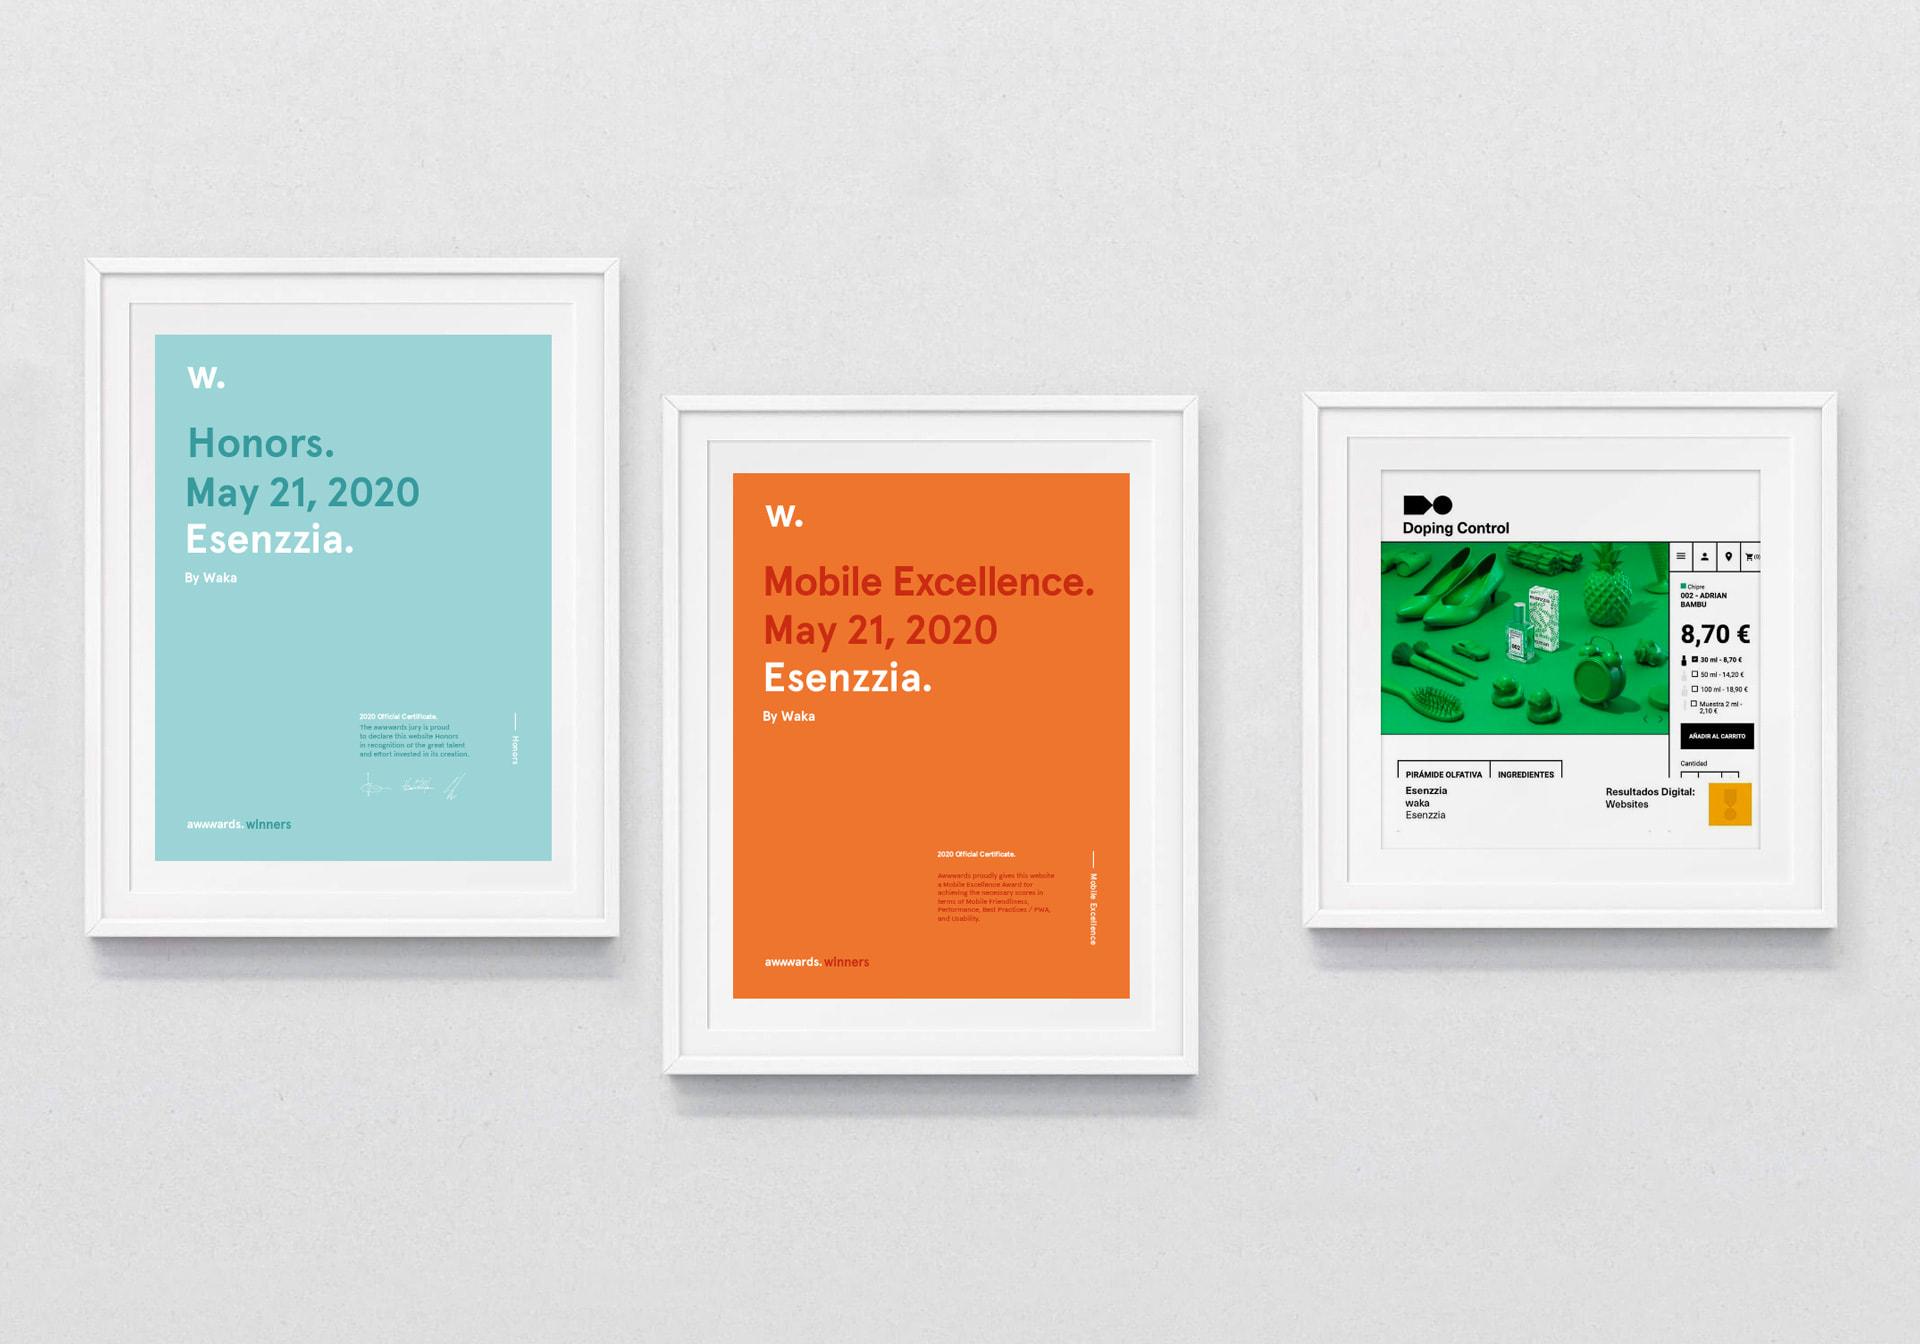 Agencia de publicidad waka. Seleccionada para los Premios Mobile Excellence y Honors de Awwwards, y categoría Digital en los premios Laus con el proyecto Esenzzia 2020